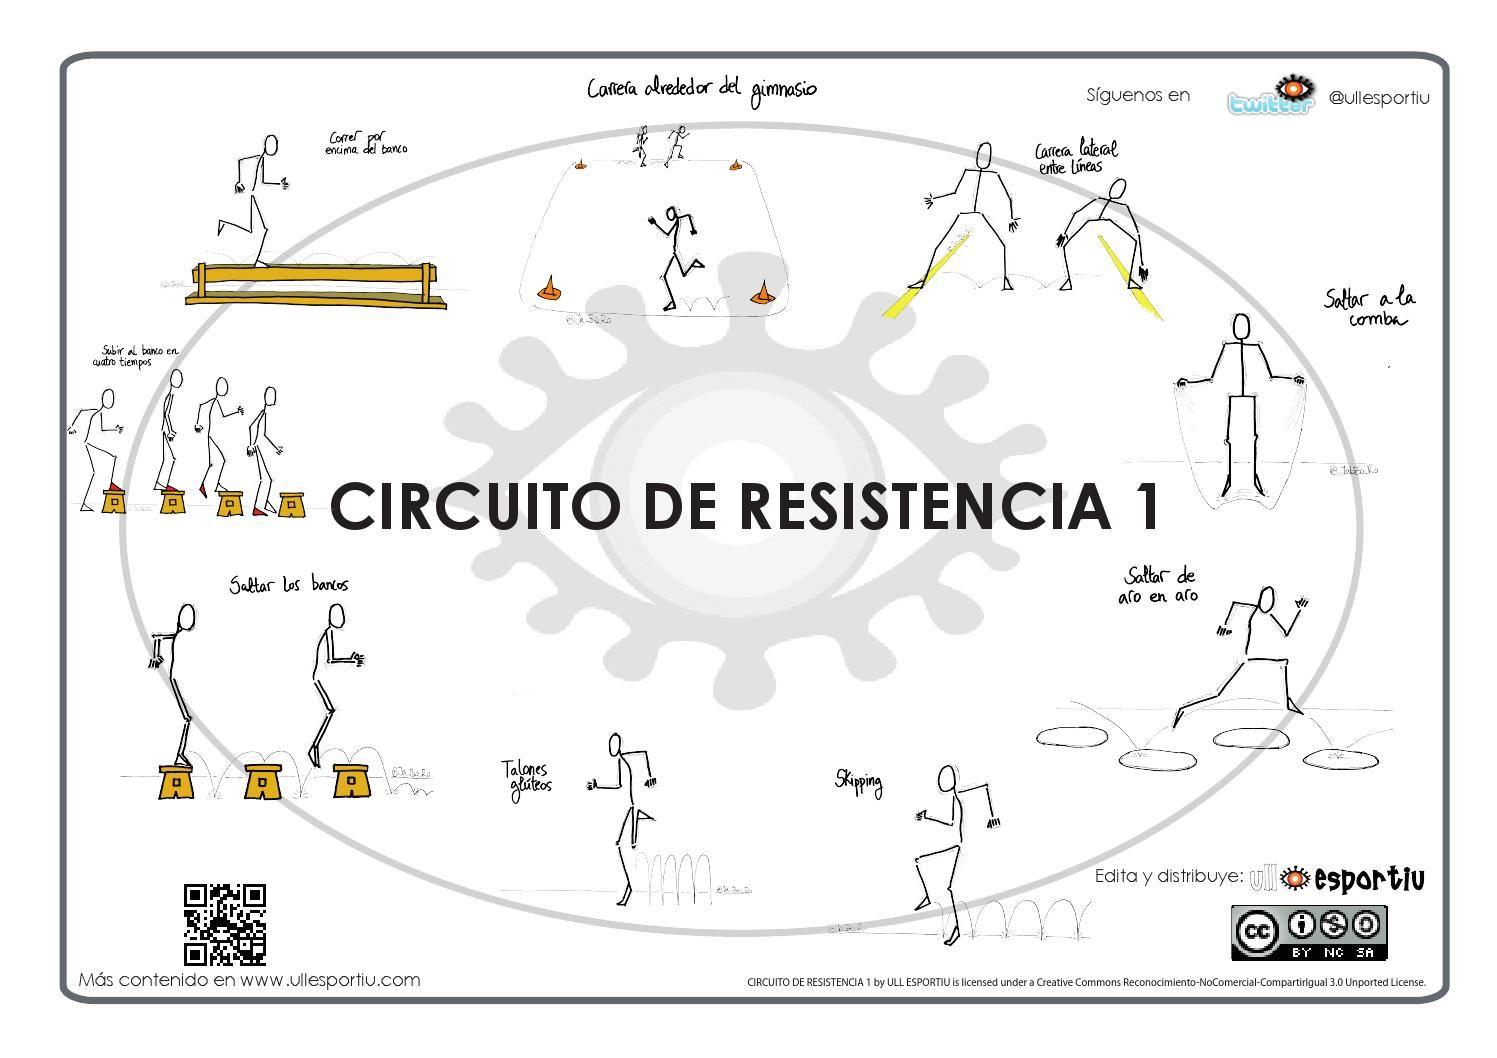 Baremo De Puntuacin Para Course Navette Physical Education